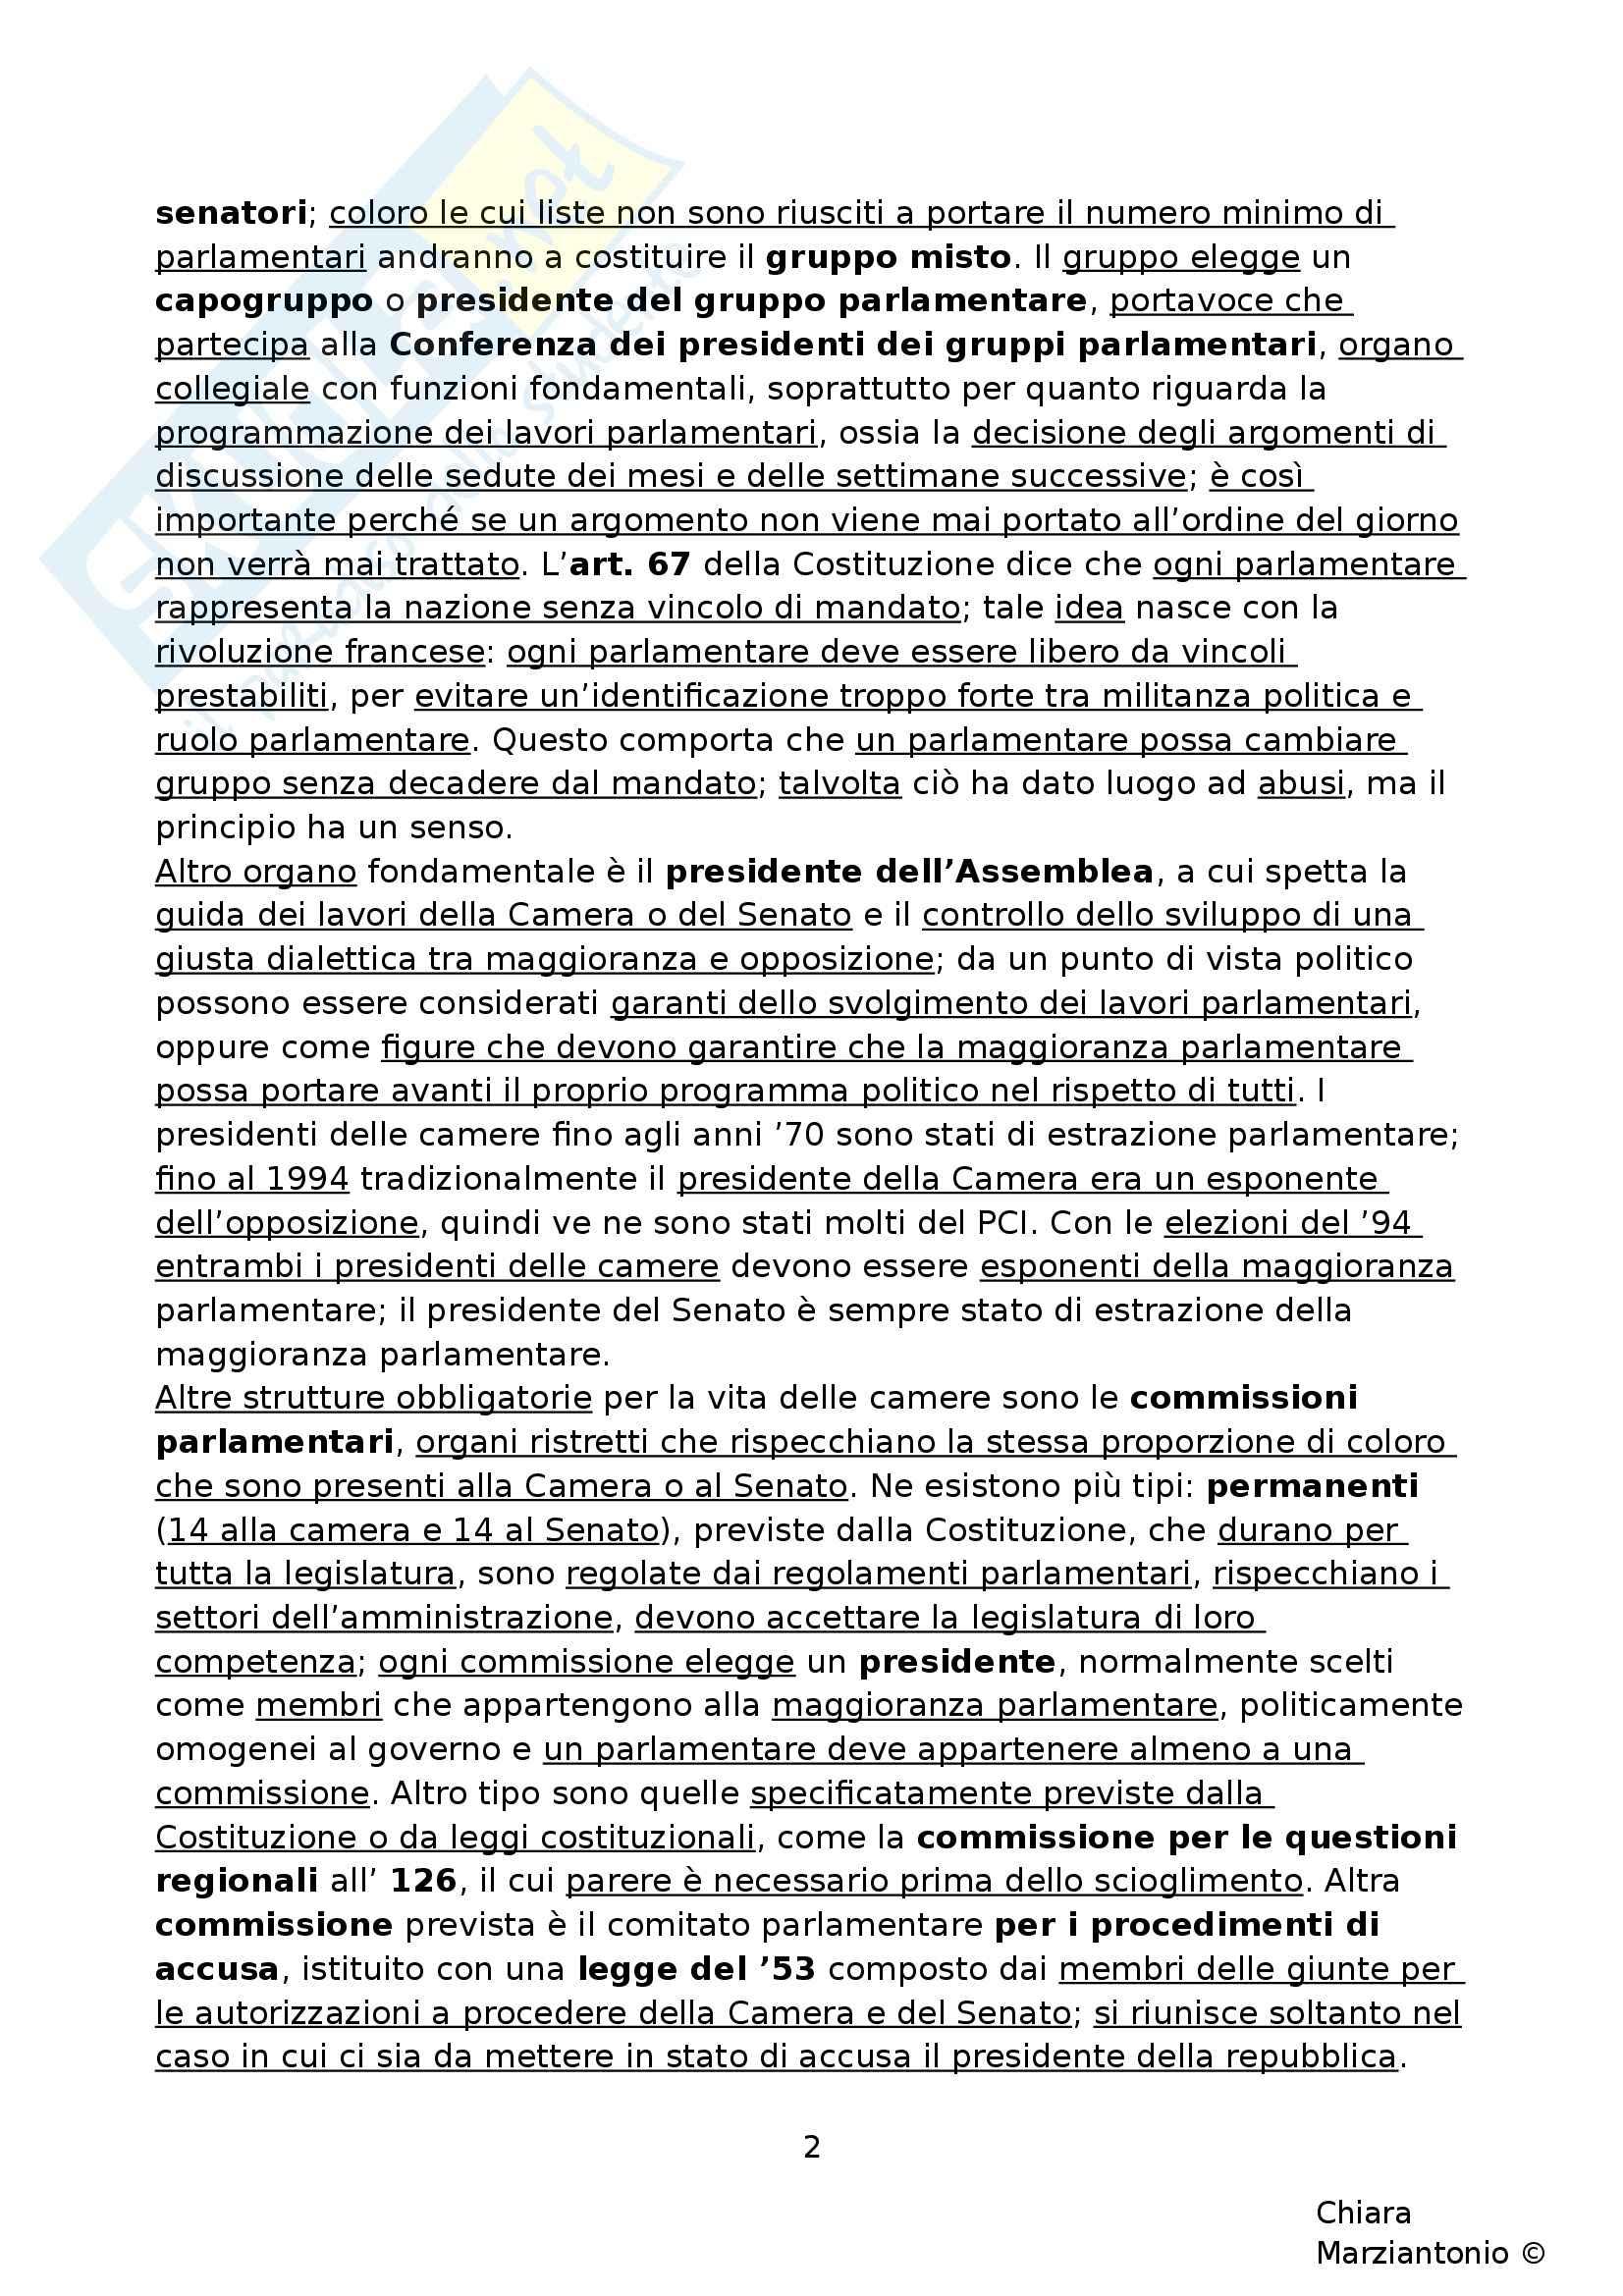 Riassunto esame Istituzioni di Diritto Pubblico, prof. Corsi, libro consigliato Corso di Diritto Pubblico, Barbera, Fusaro - cap. 9 Pag. 2